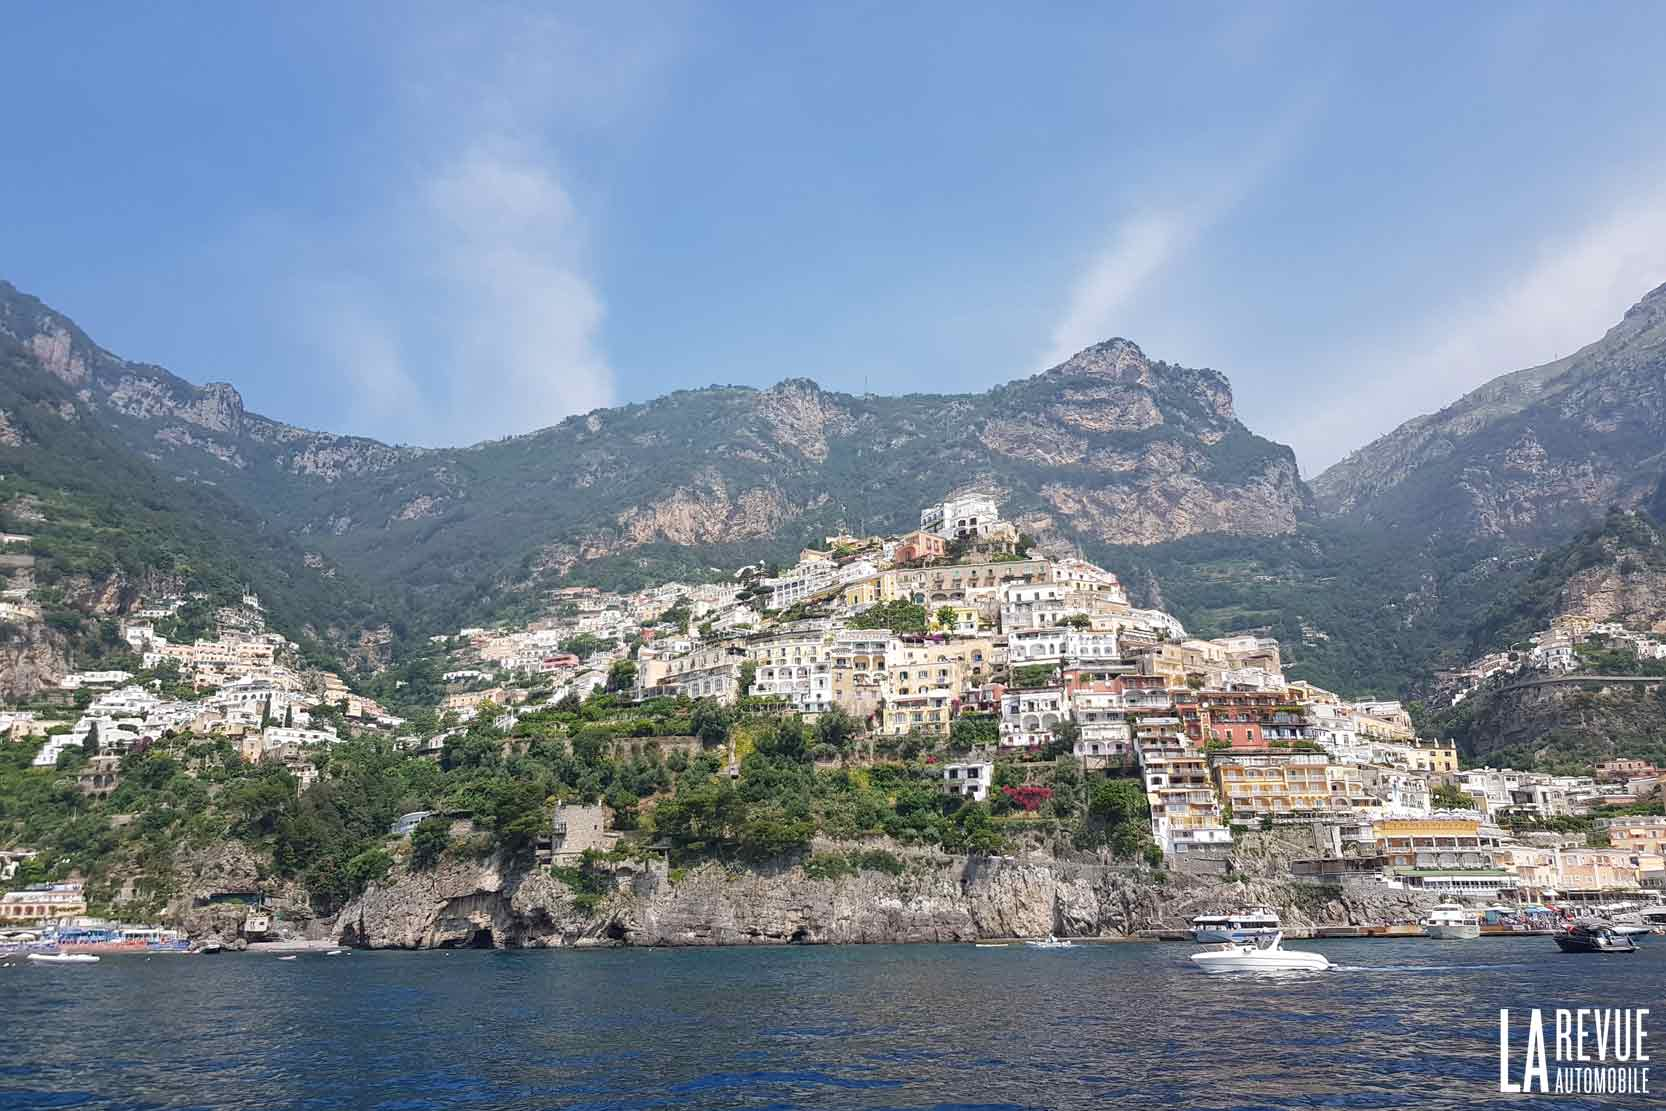 Une vue de bateau de la côte amalfitaine : voici Positano